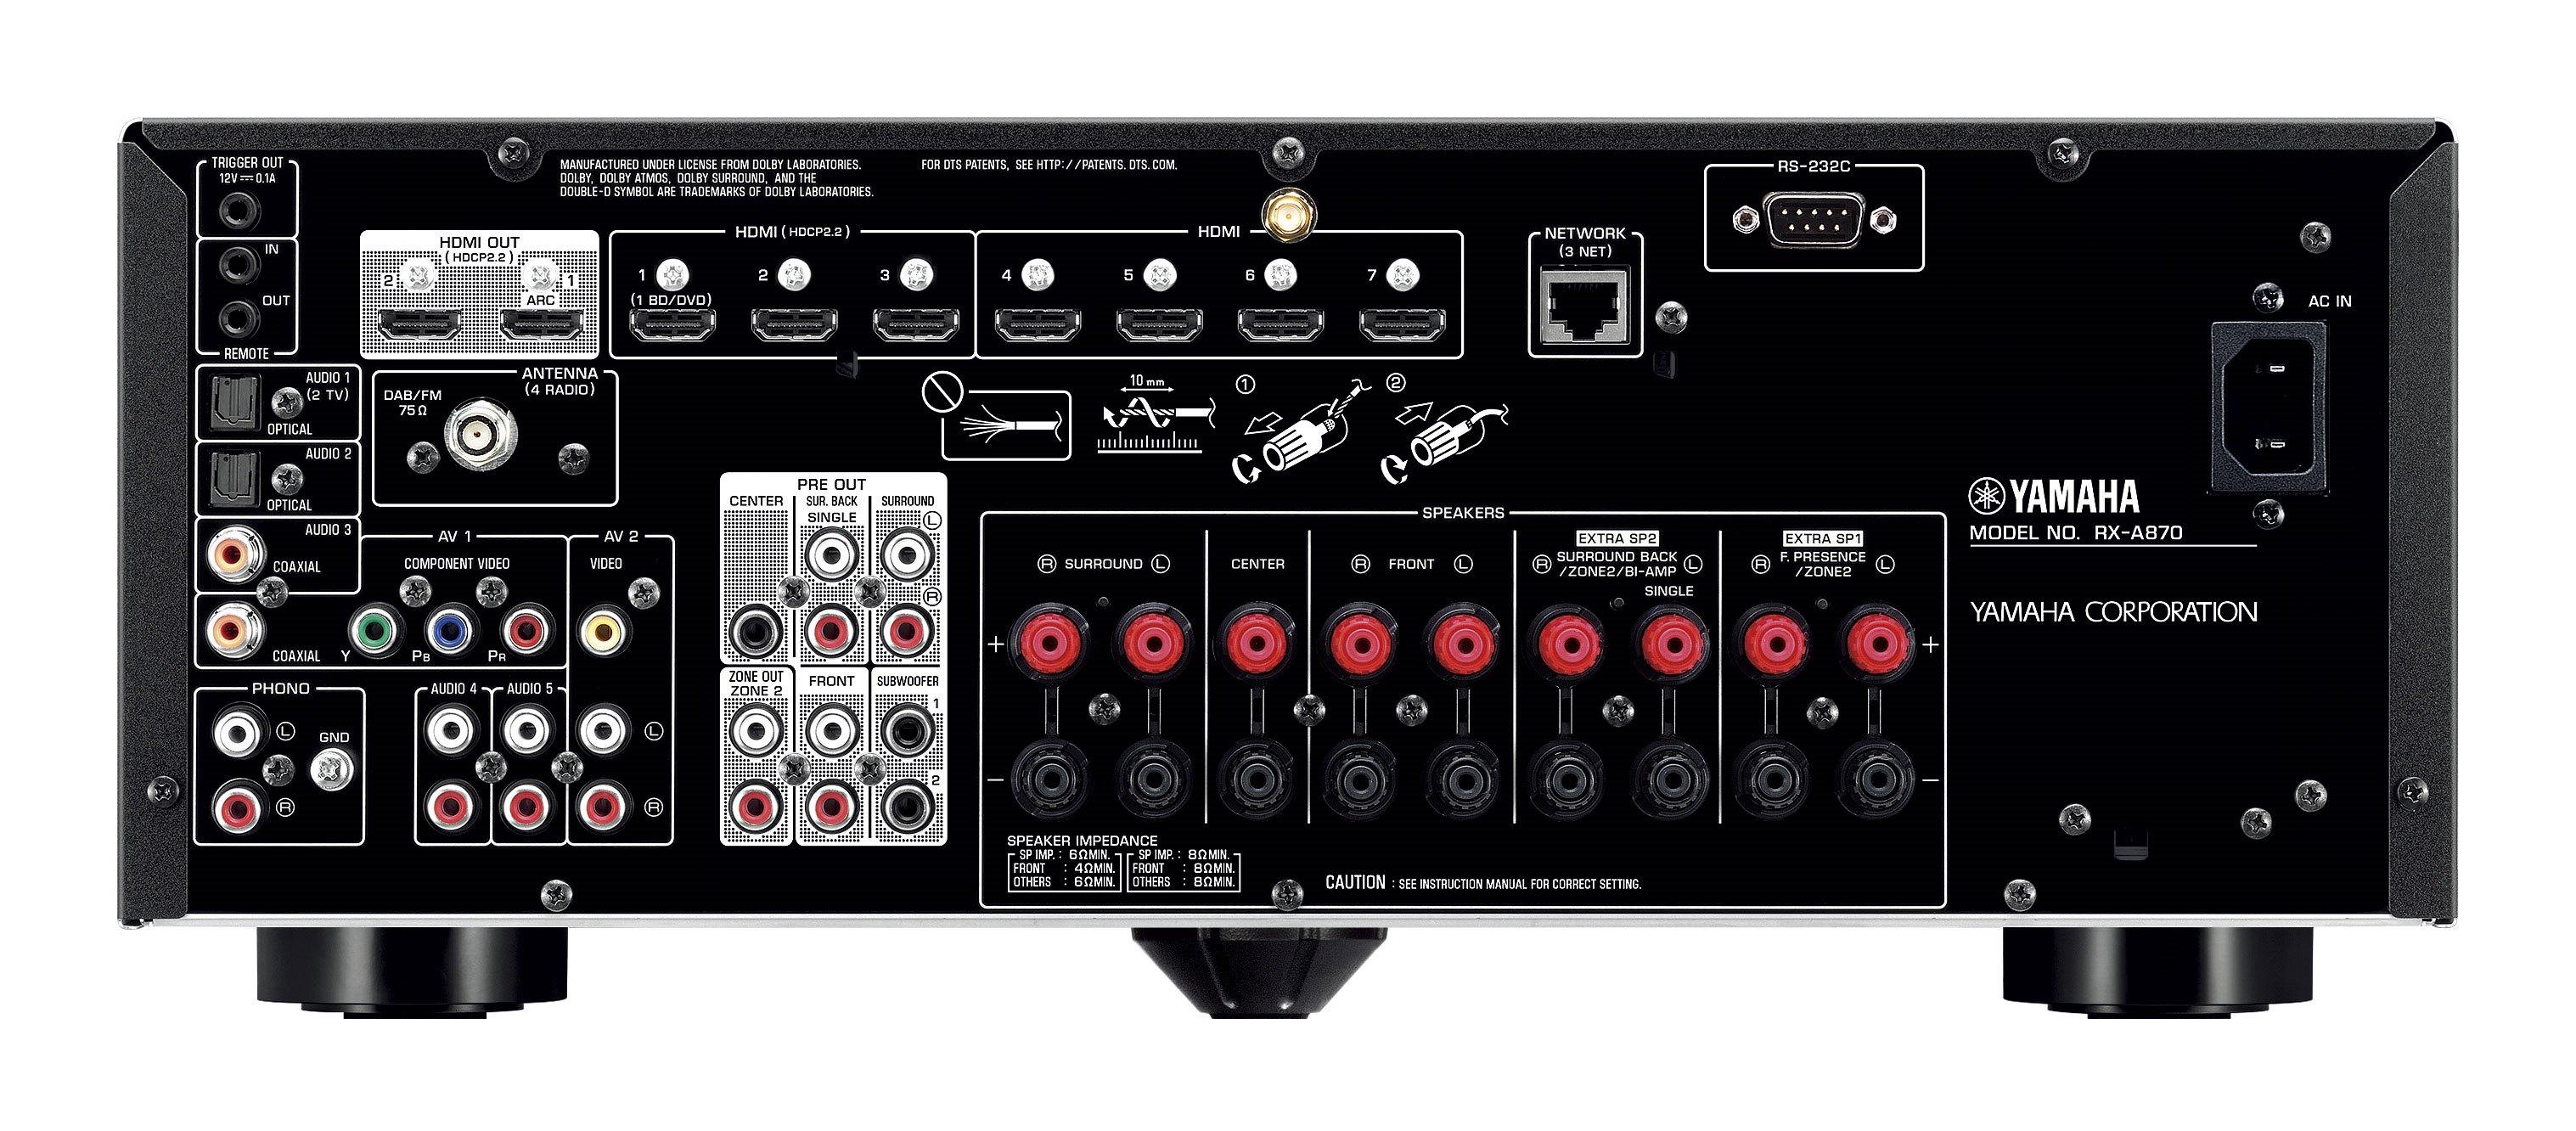 Yamaha Rx Vspecifications